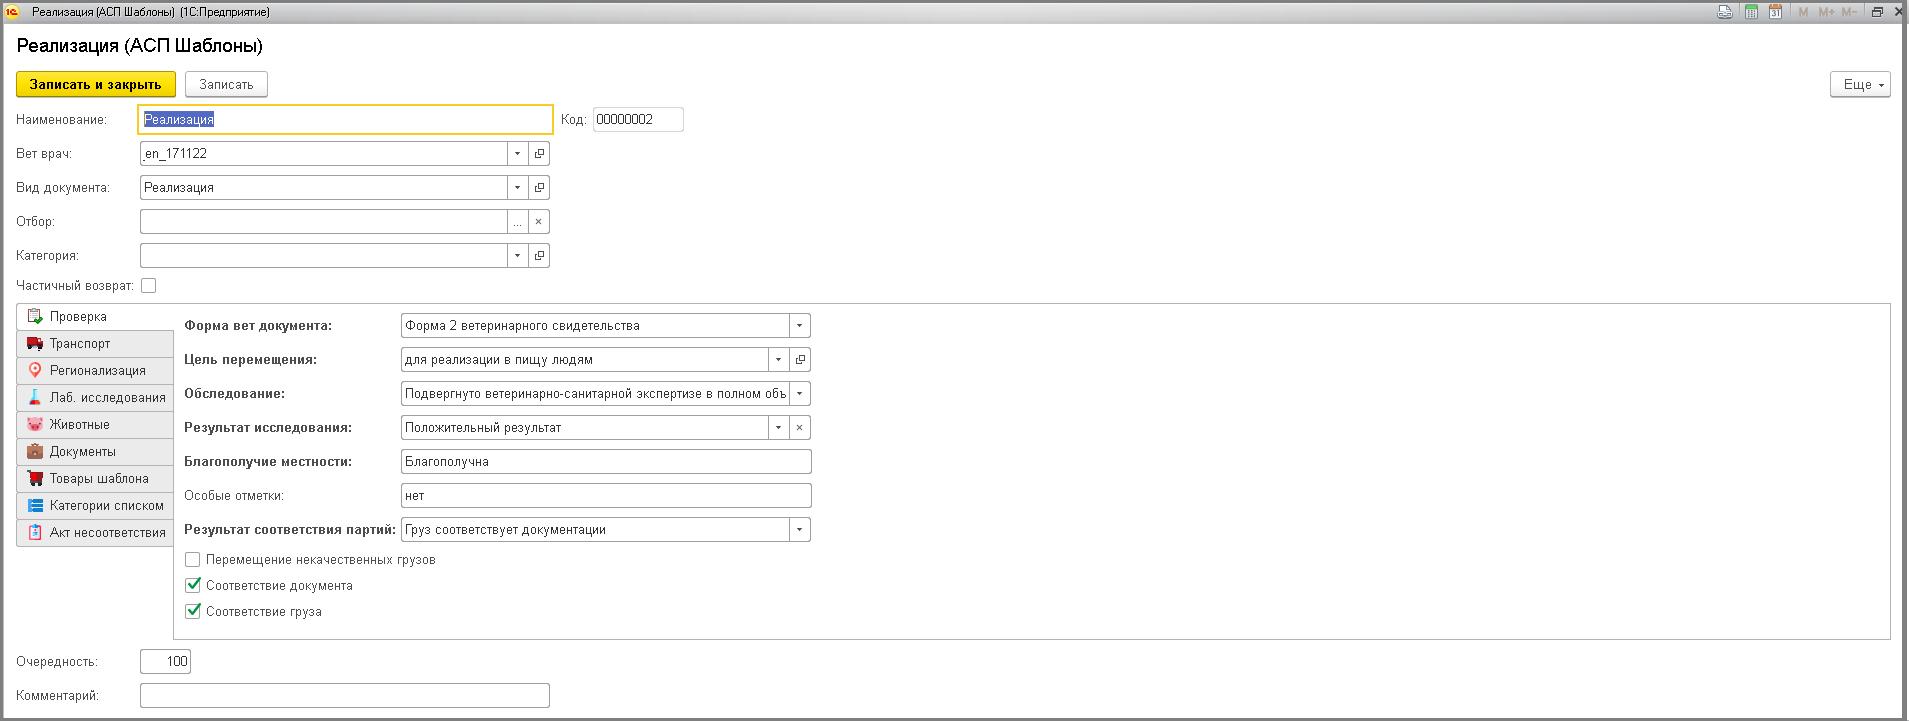 4. Пример шаблонов сертификатов  (образцы предназначенные для автоматического заполнения информации, являющейся одинаковой для одного вида документов)